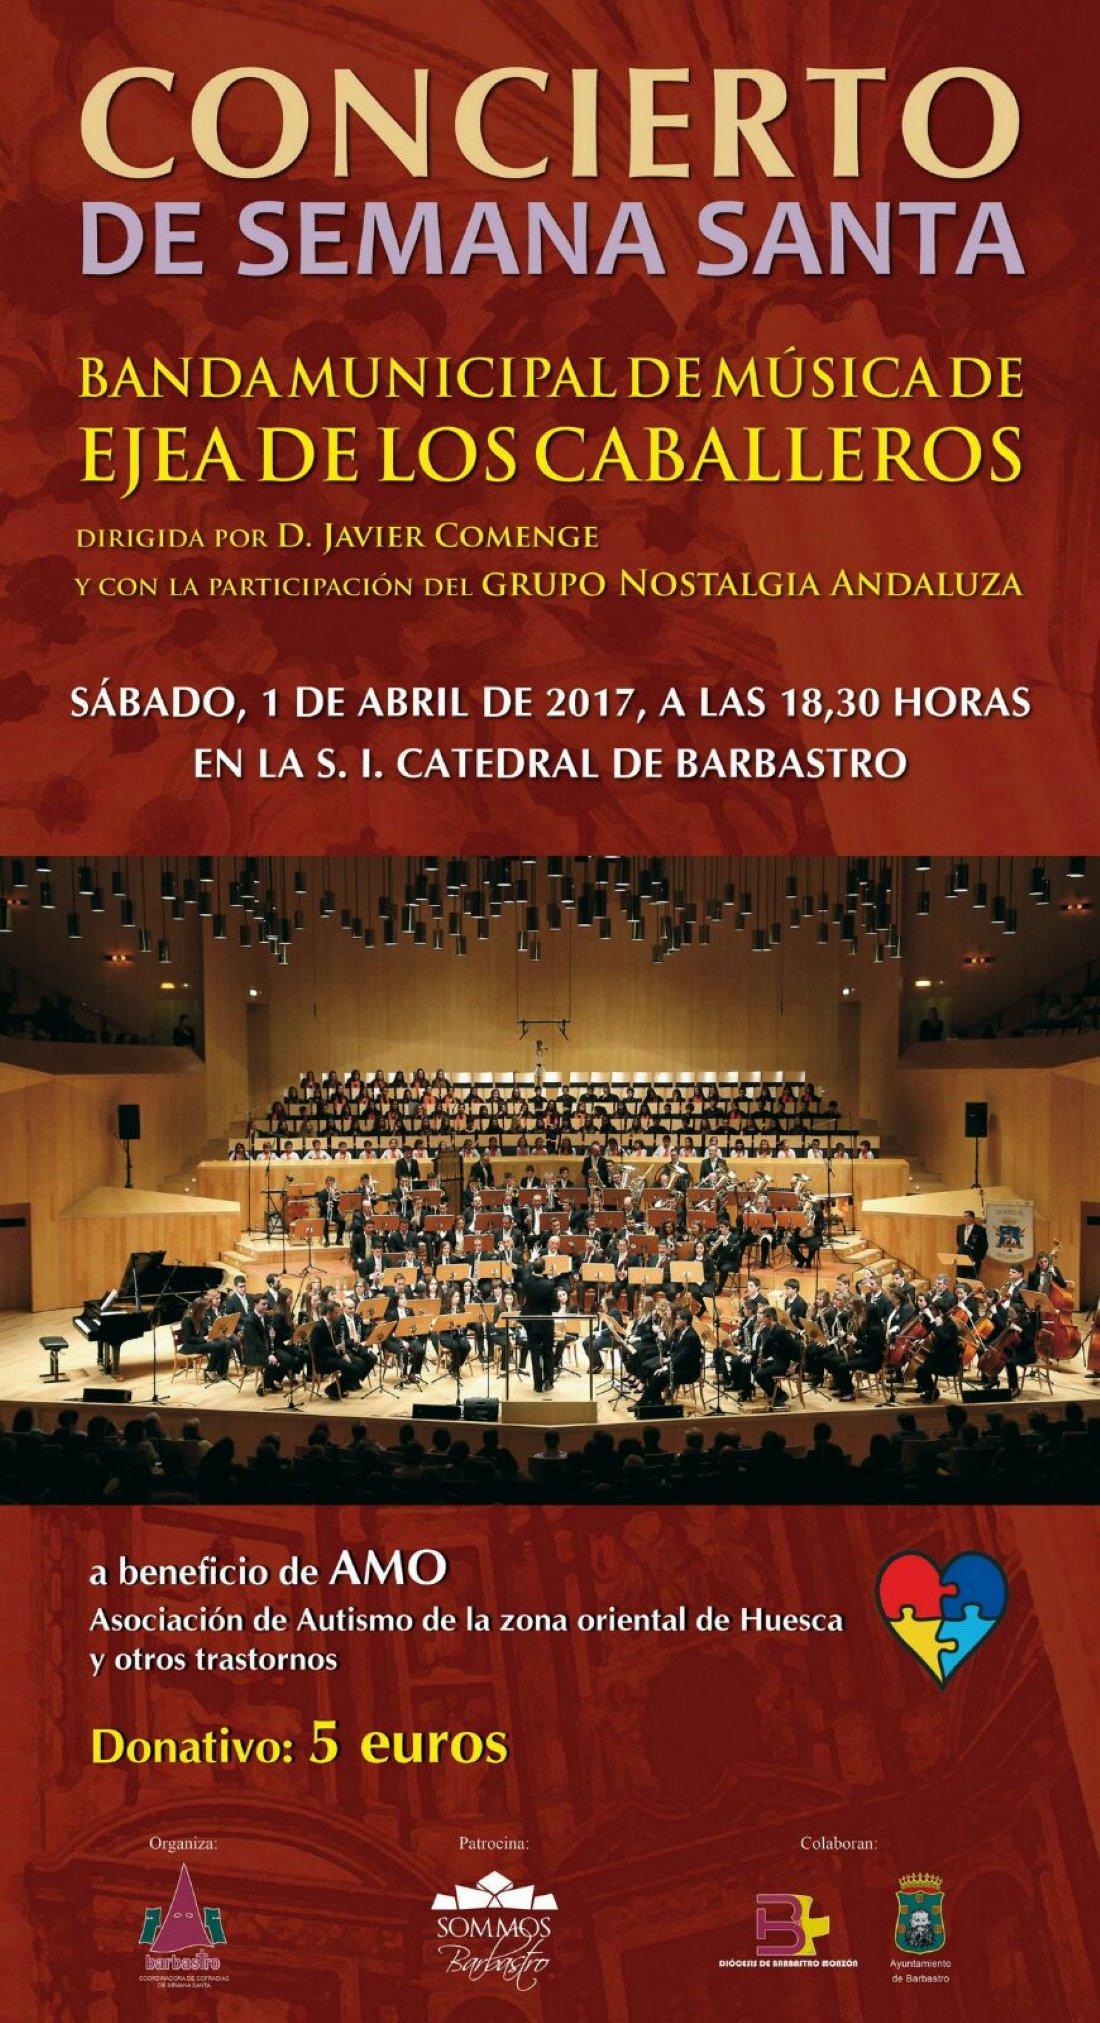 Concierto solidario de Semana Santa de Barbastro Por la Banda Municipal de musica de Ejea de los Caballeros, para la asociación Amo